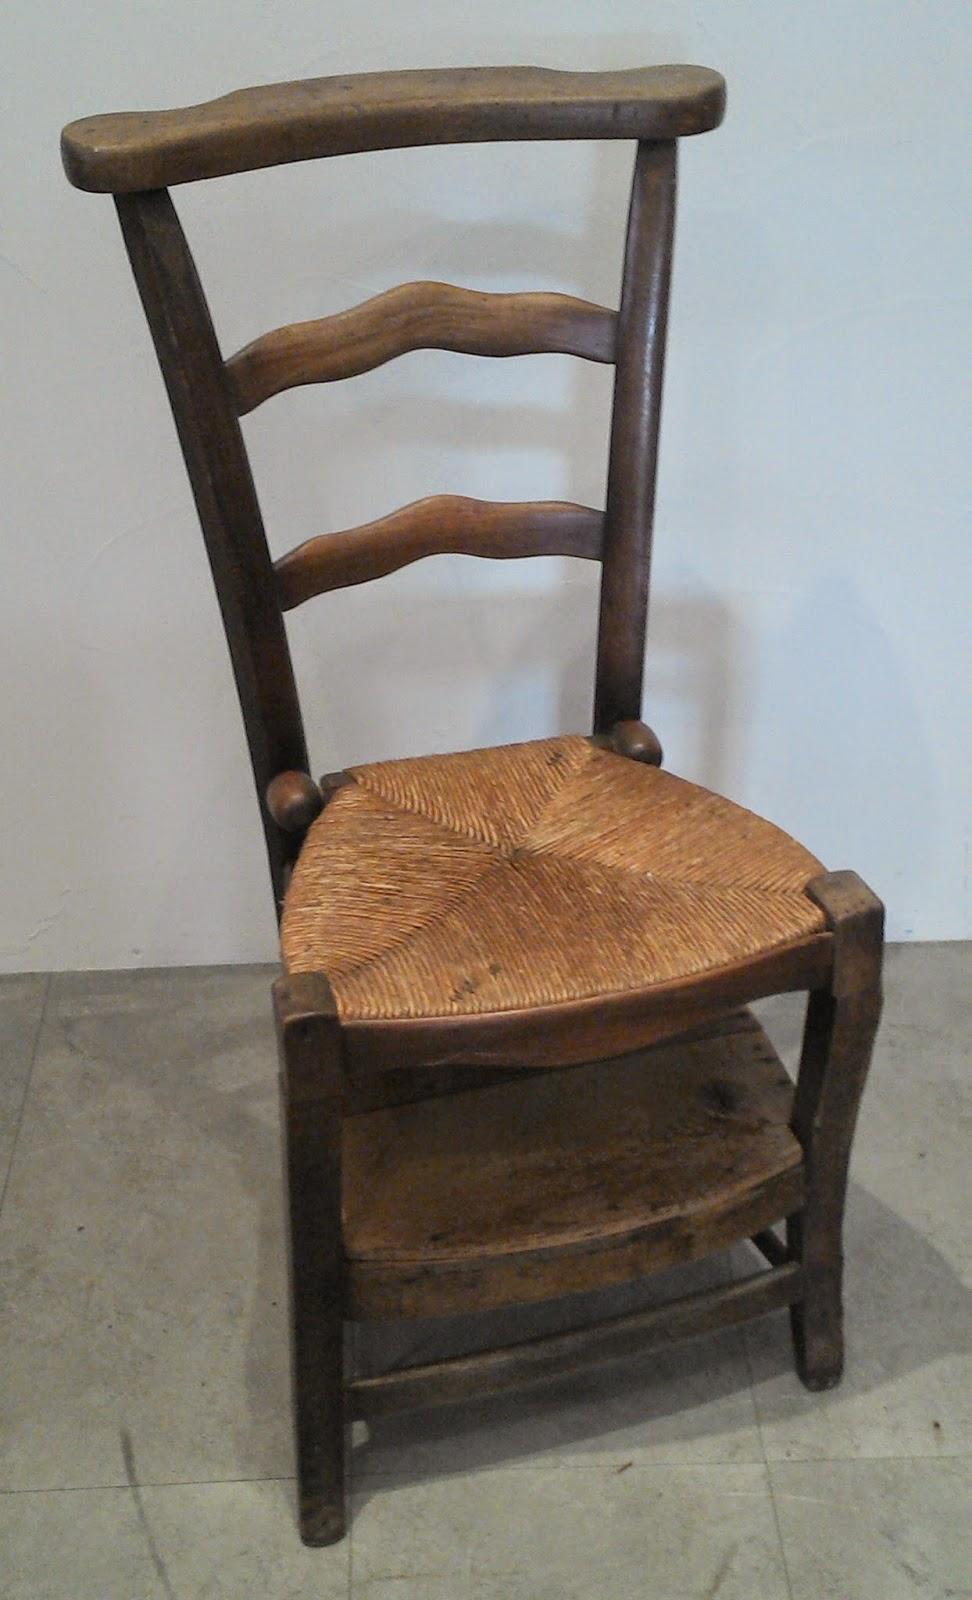 ancien prie dieu chaise de d votion paill e religieux escamotable a. Black Bedroom Furniture Sets. Home Design Ideas